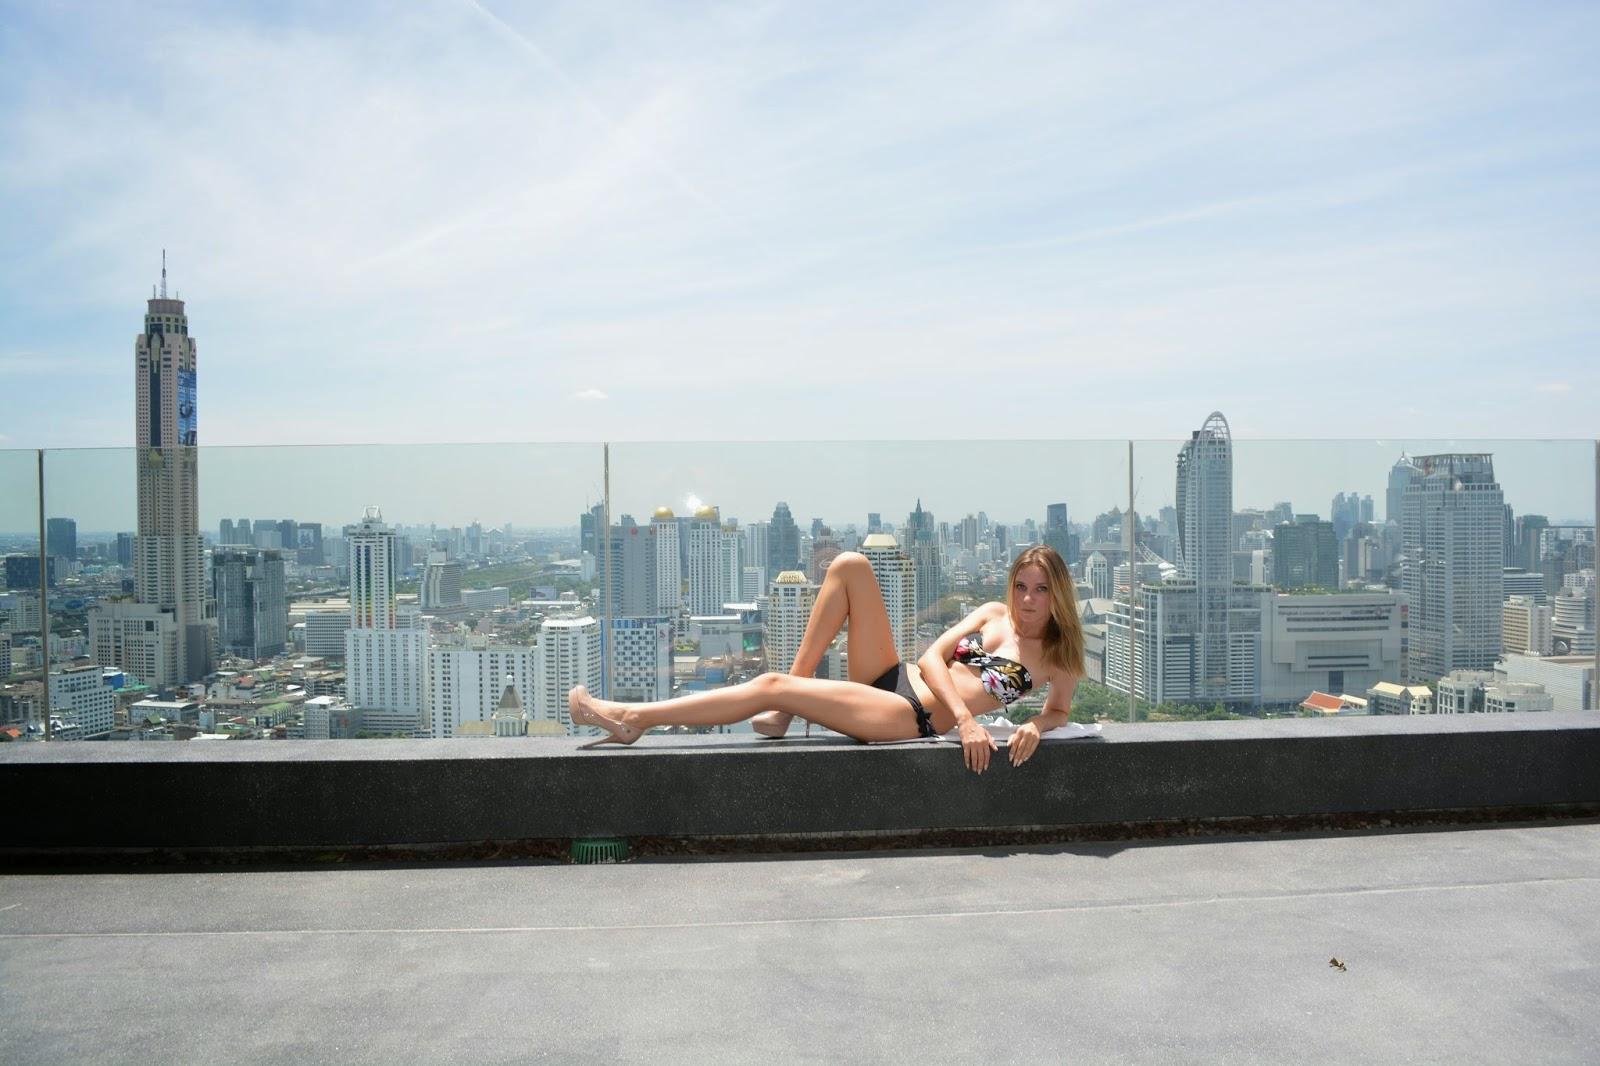 Thajské království, Thajsko, dovolená v Thajsku, Thajsko na vlastní pěst, thajsko bez cestovky, letenky do thajska, kam v Bangkoku, ubytování v Bangkoku, nákupy v bangkoku, modelka, modelka na střeše, mrakodrap, fashionhouse, fashion house, fashion house blog, šaty, dlouhé šaty, džínsové šaty, džínové šaty, jeansové šaty, letní šaty, výprodej letních šatů, levné šaty, češka žijící v zahraničí, češka žijící v Thajsku, Kristýna Vacková, nejlepší blog, český blog, zajímavý český blog, blog o cestování, blog o thajsku, lifestyle český blog, módní blog, fashion český blog, rooftop, kam v thajsku, průvodce po thajsku, plavky, levné plavky, bandeau plavky, bikiny, výprodej plavek, modelka na střeše